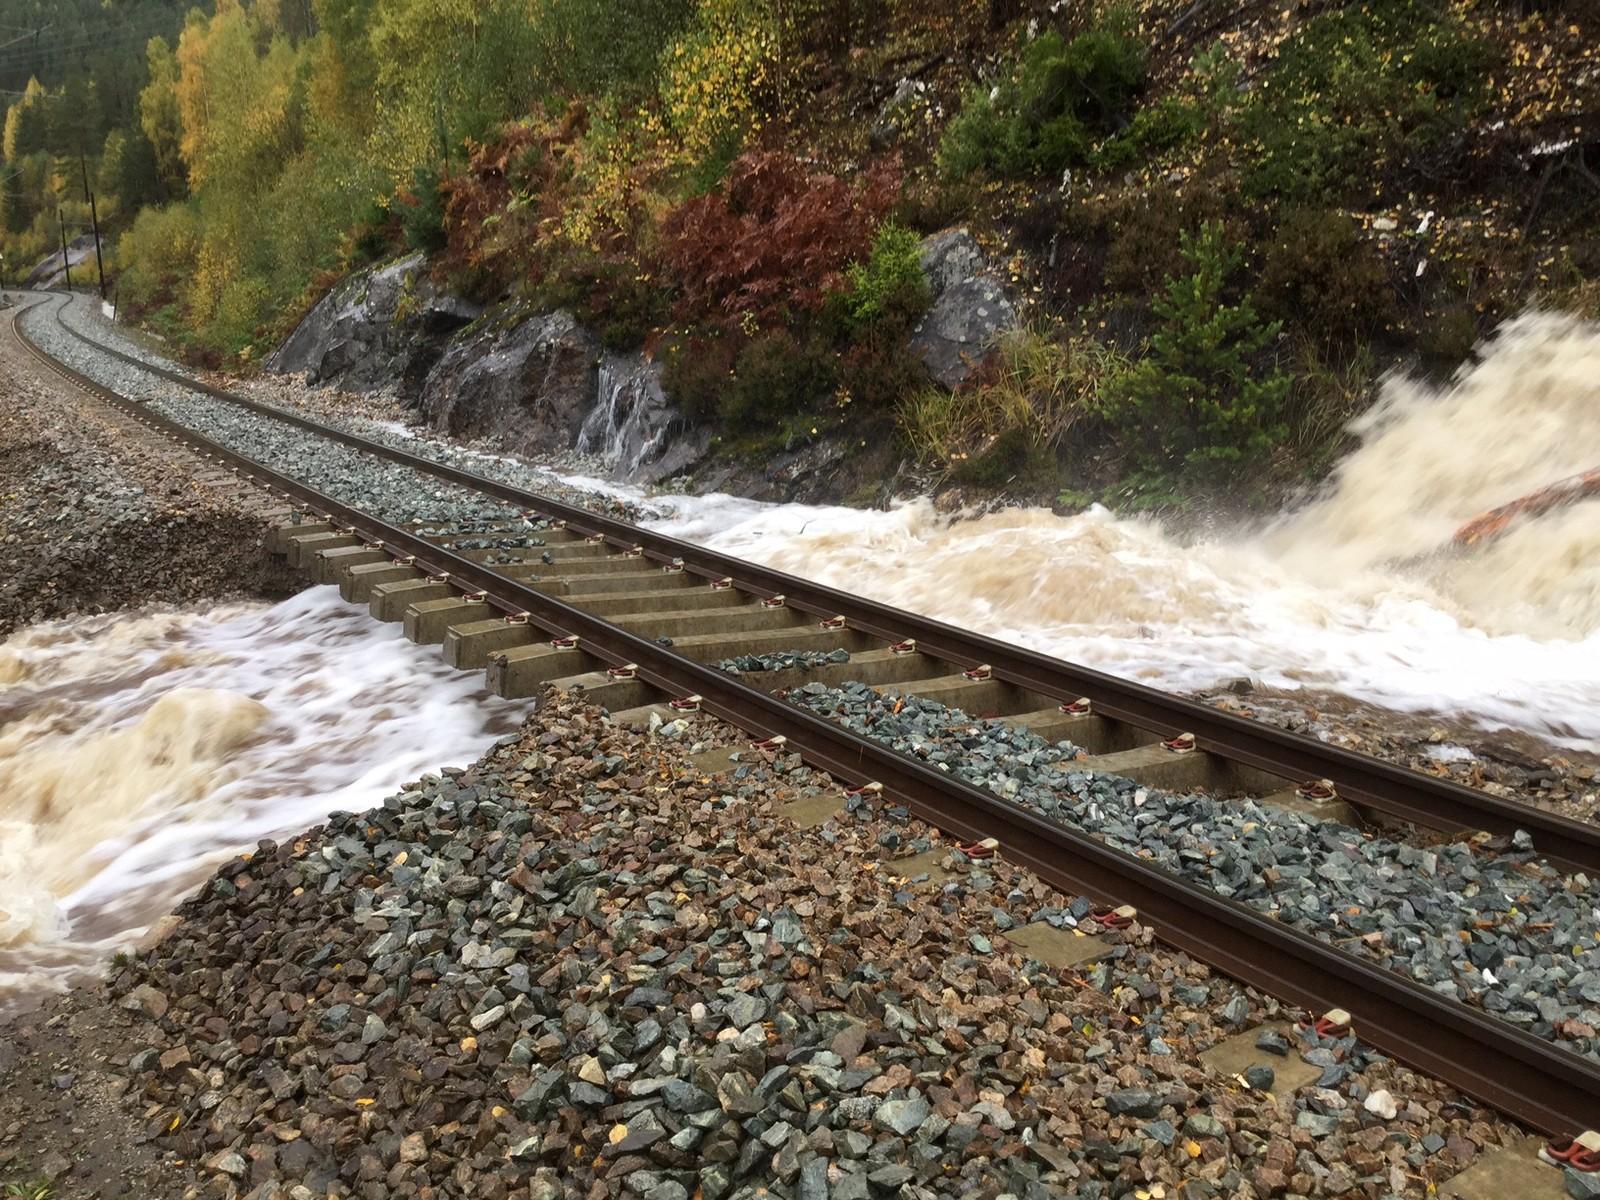 BERGENSBANEN: Vatnet har vaska ut massane under sporet på Bergensbanen mellom Gulsvik og Flå. Bane NOR melder at reparasjonsarbeidet på staden held på.